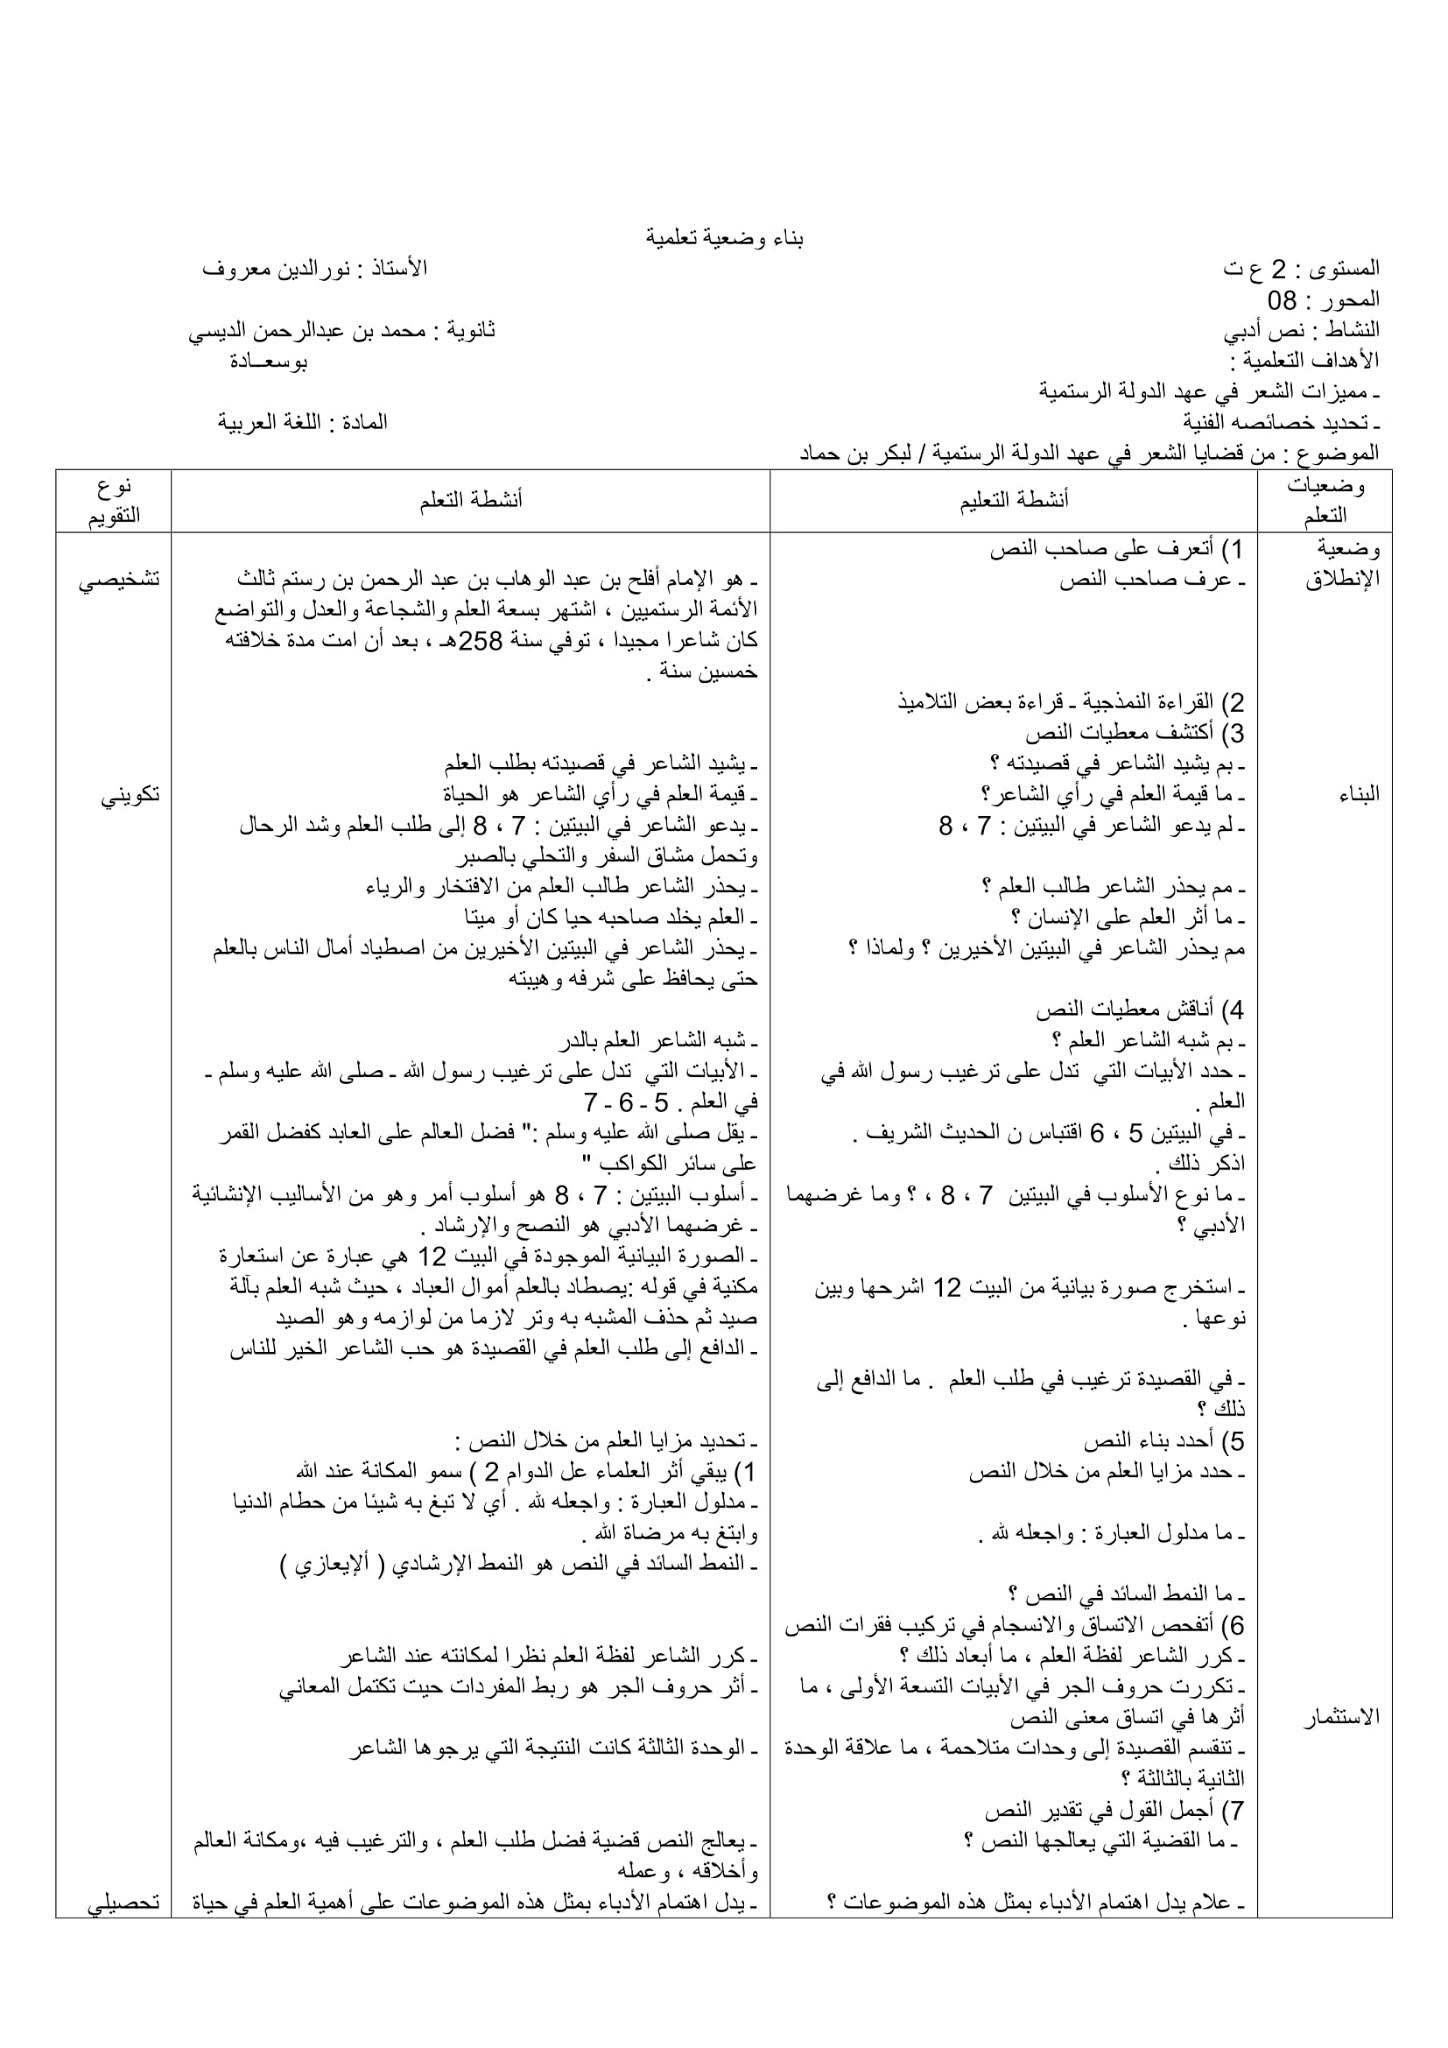 تحضير نص من قضايا الشعر في عهد الدولة الرستمية 2 ثانوي علمي